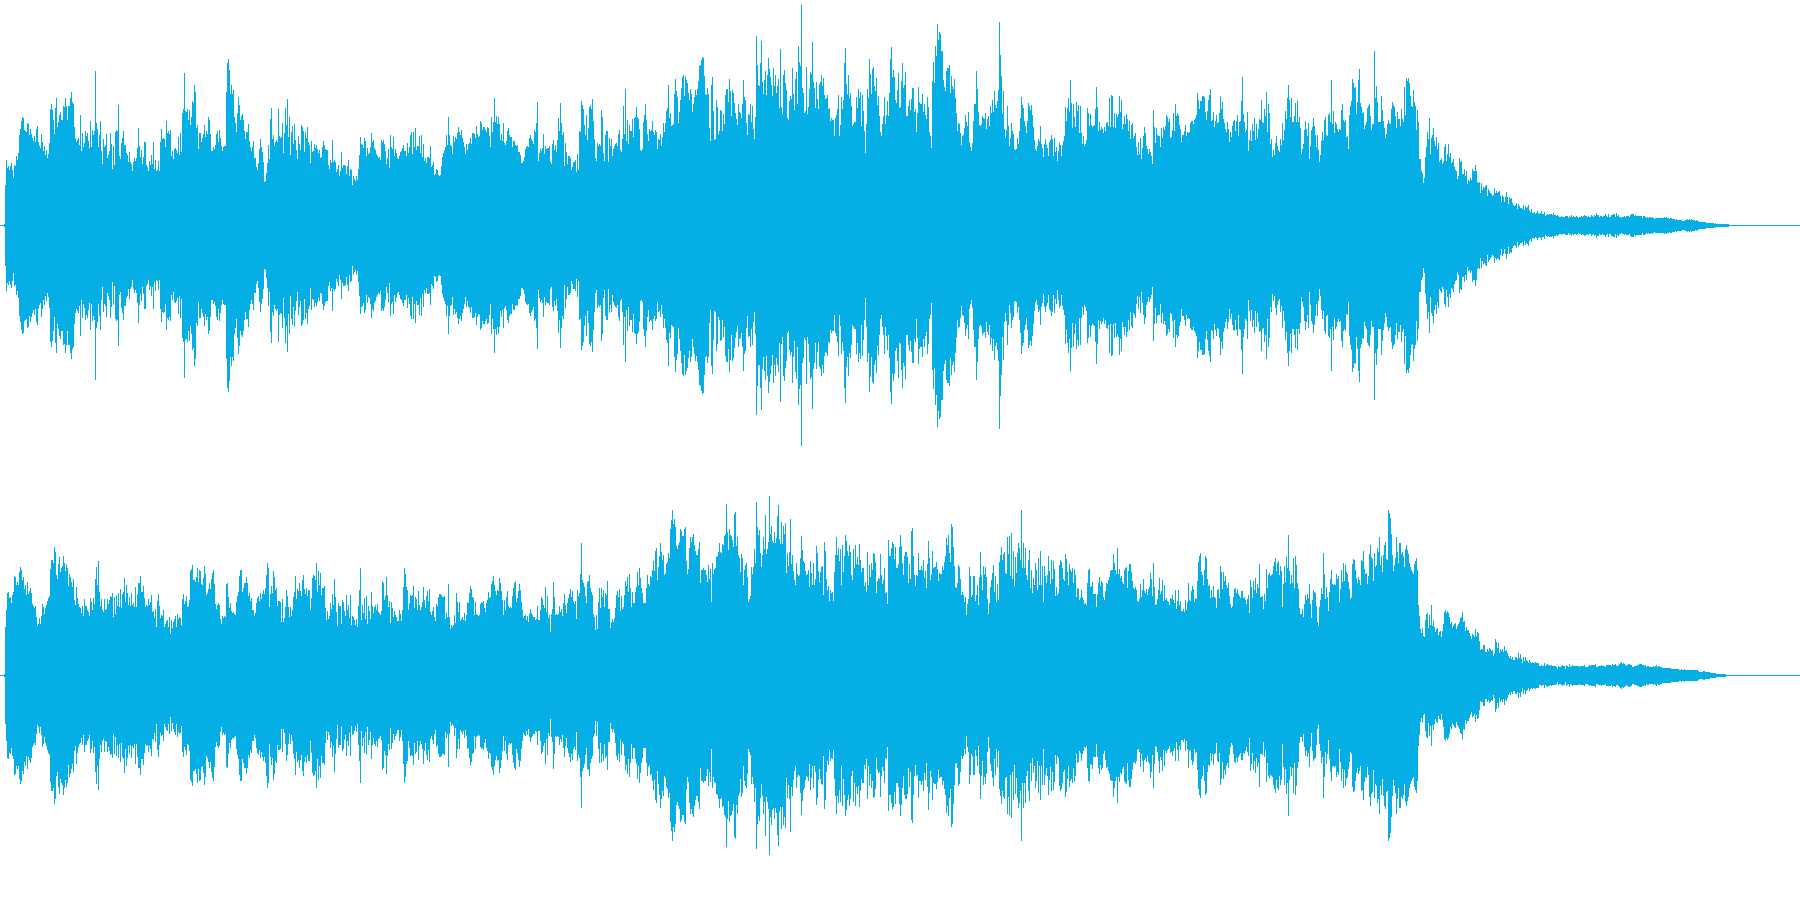 ピアノと弦楽器の哀愁系ジングルの再生済みの波形